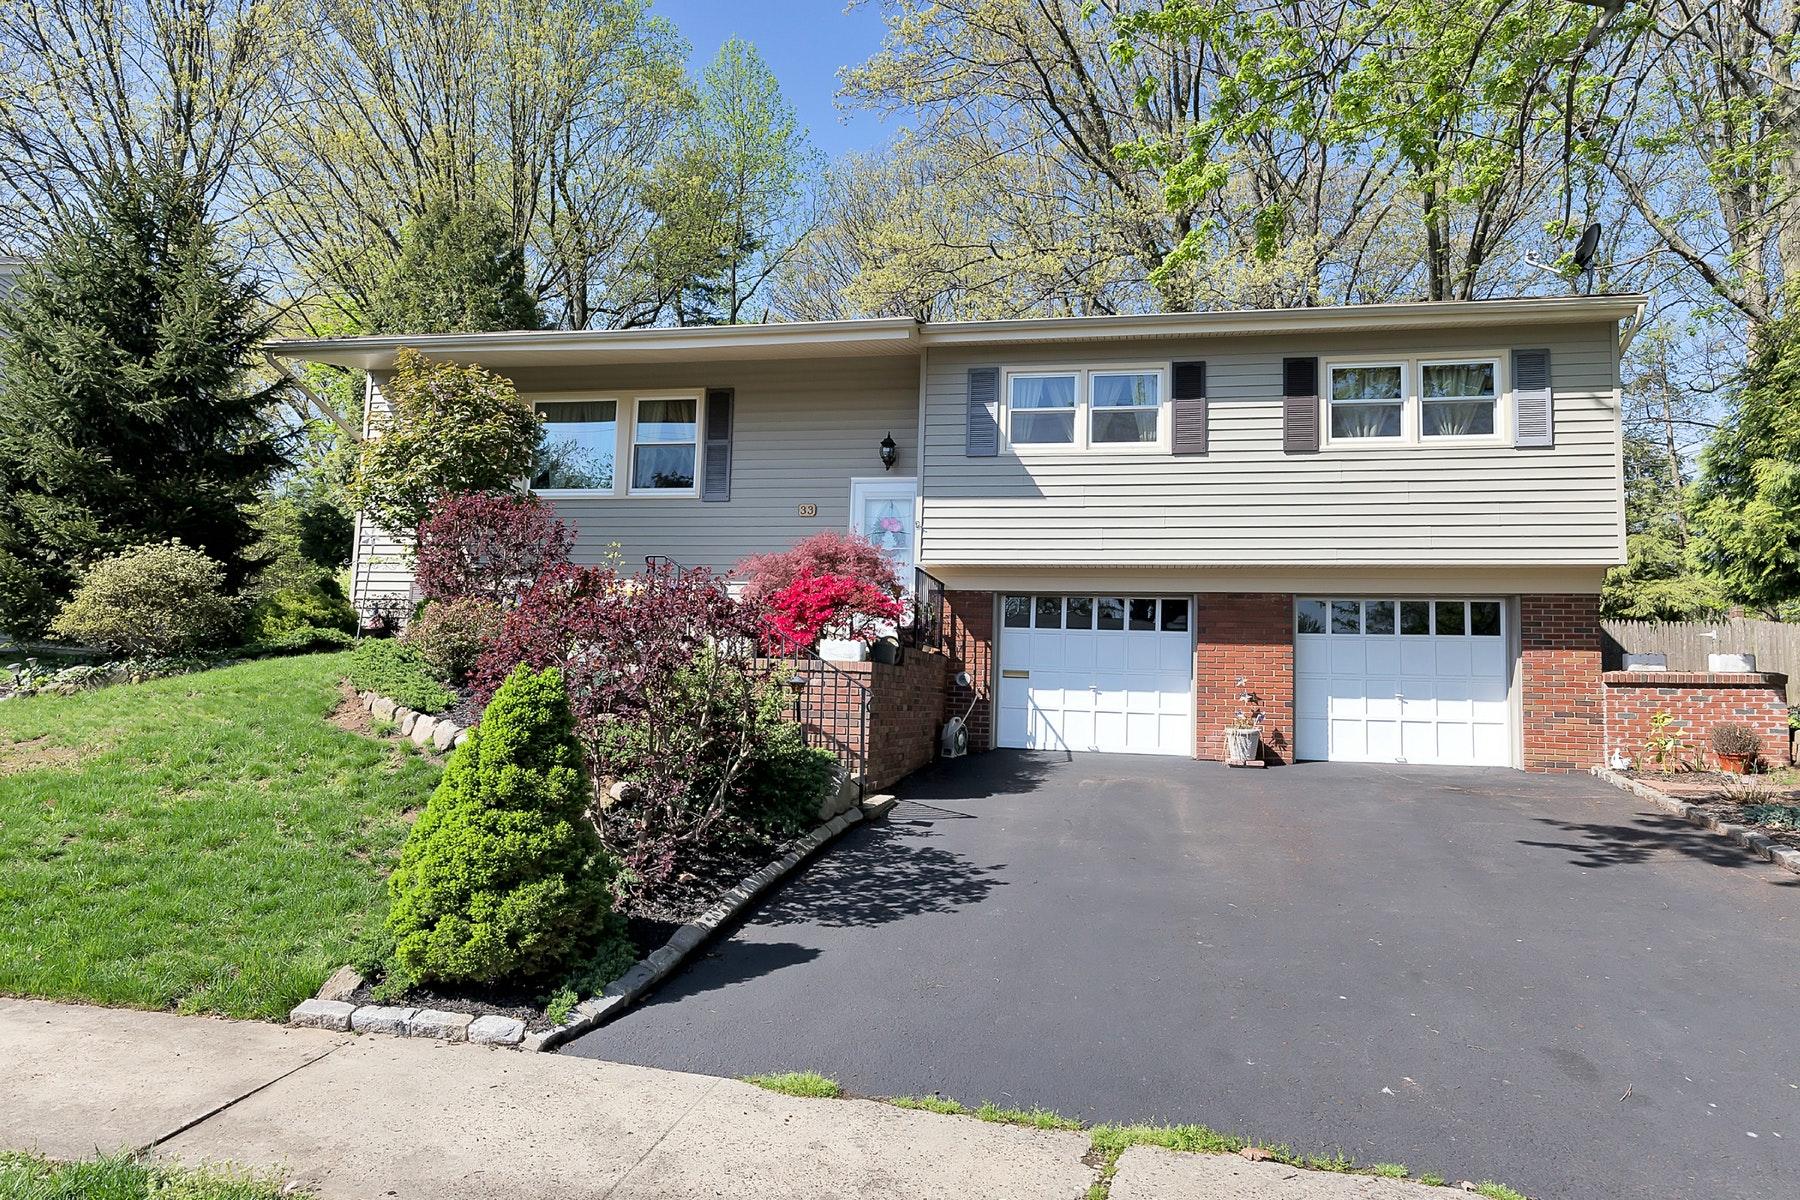 一戸建て のために 売買 アット Bright and Spacious 33 Merker Dr Bridgewater, ニュージャージー 08837 アメリカ合衆国